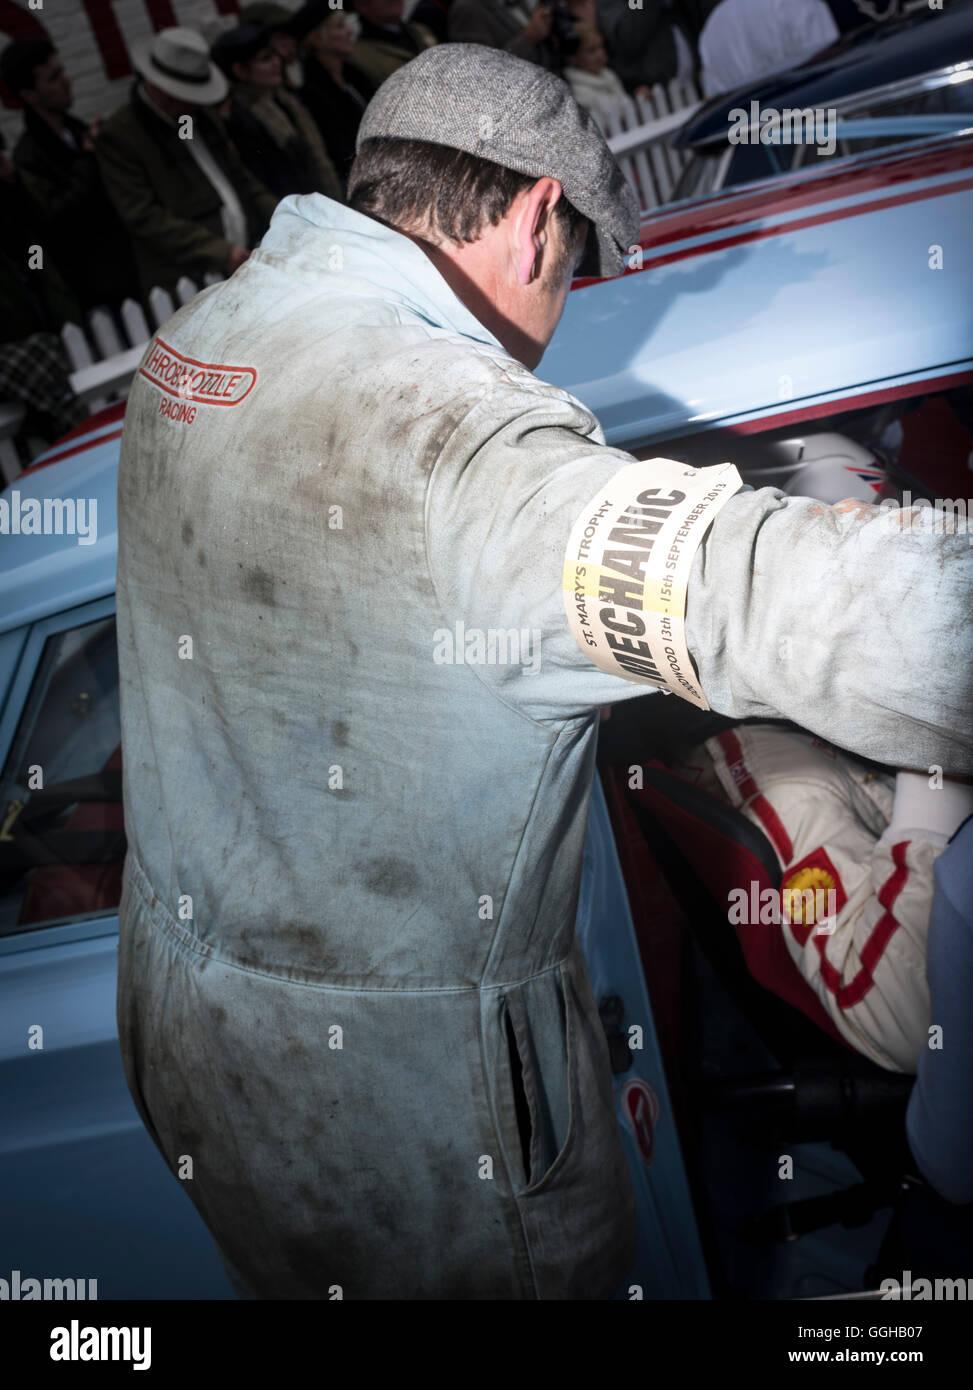 Mechaniker, Goodwood Revival, Rennen, Autorennen, Oldtimer, Chichester, Sussex, Vereinigtes Königreich, Großbritannien Stockfoto